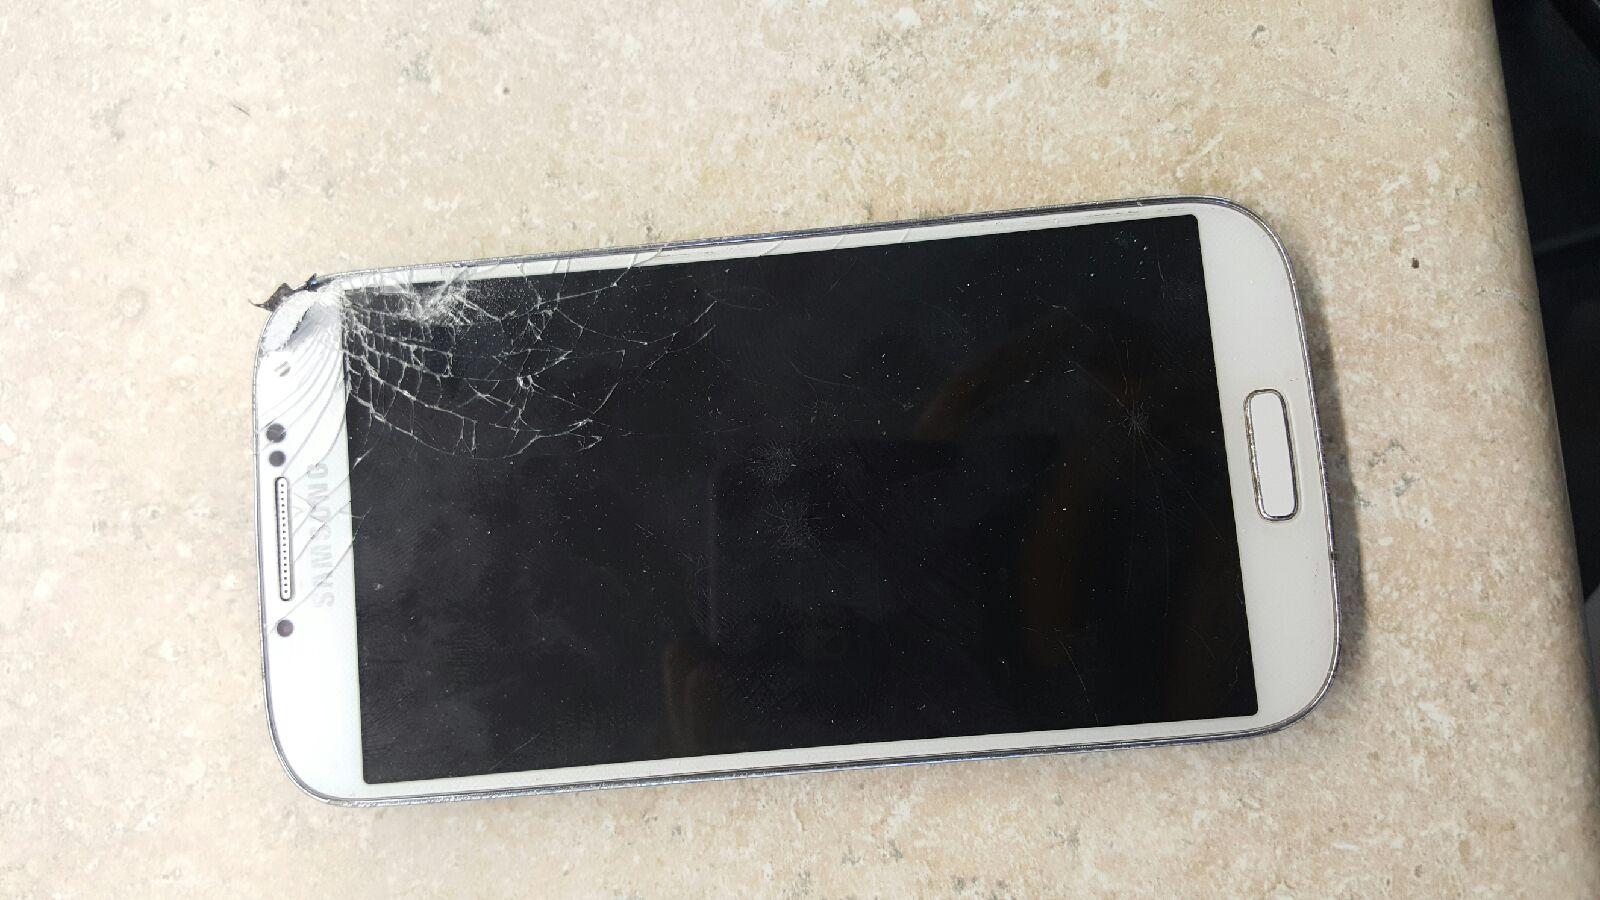 Choosing the best service repair centre for I phone repair